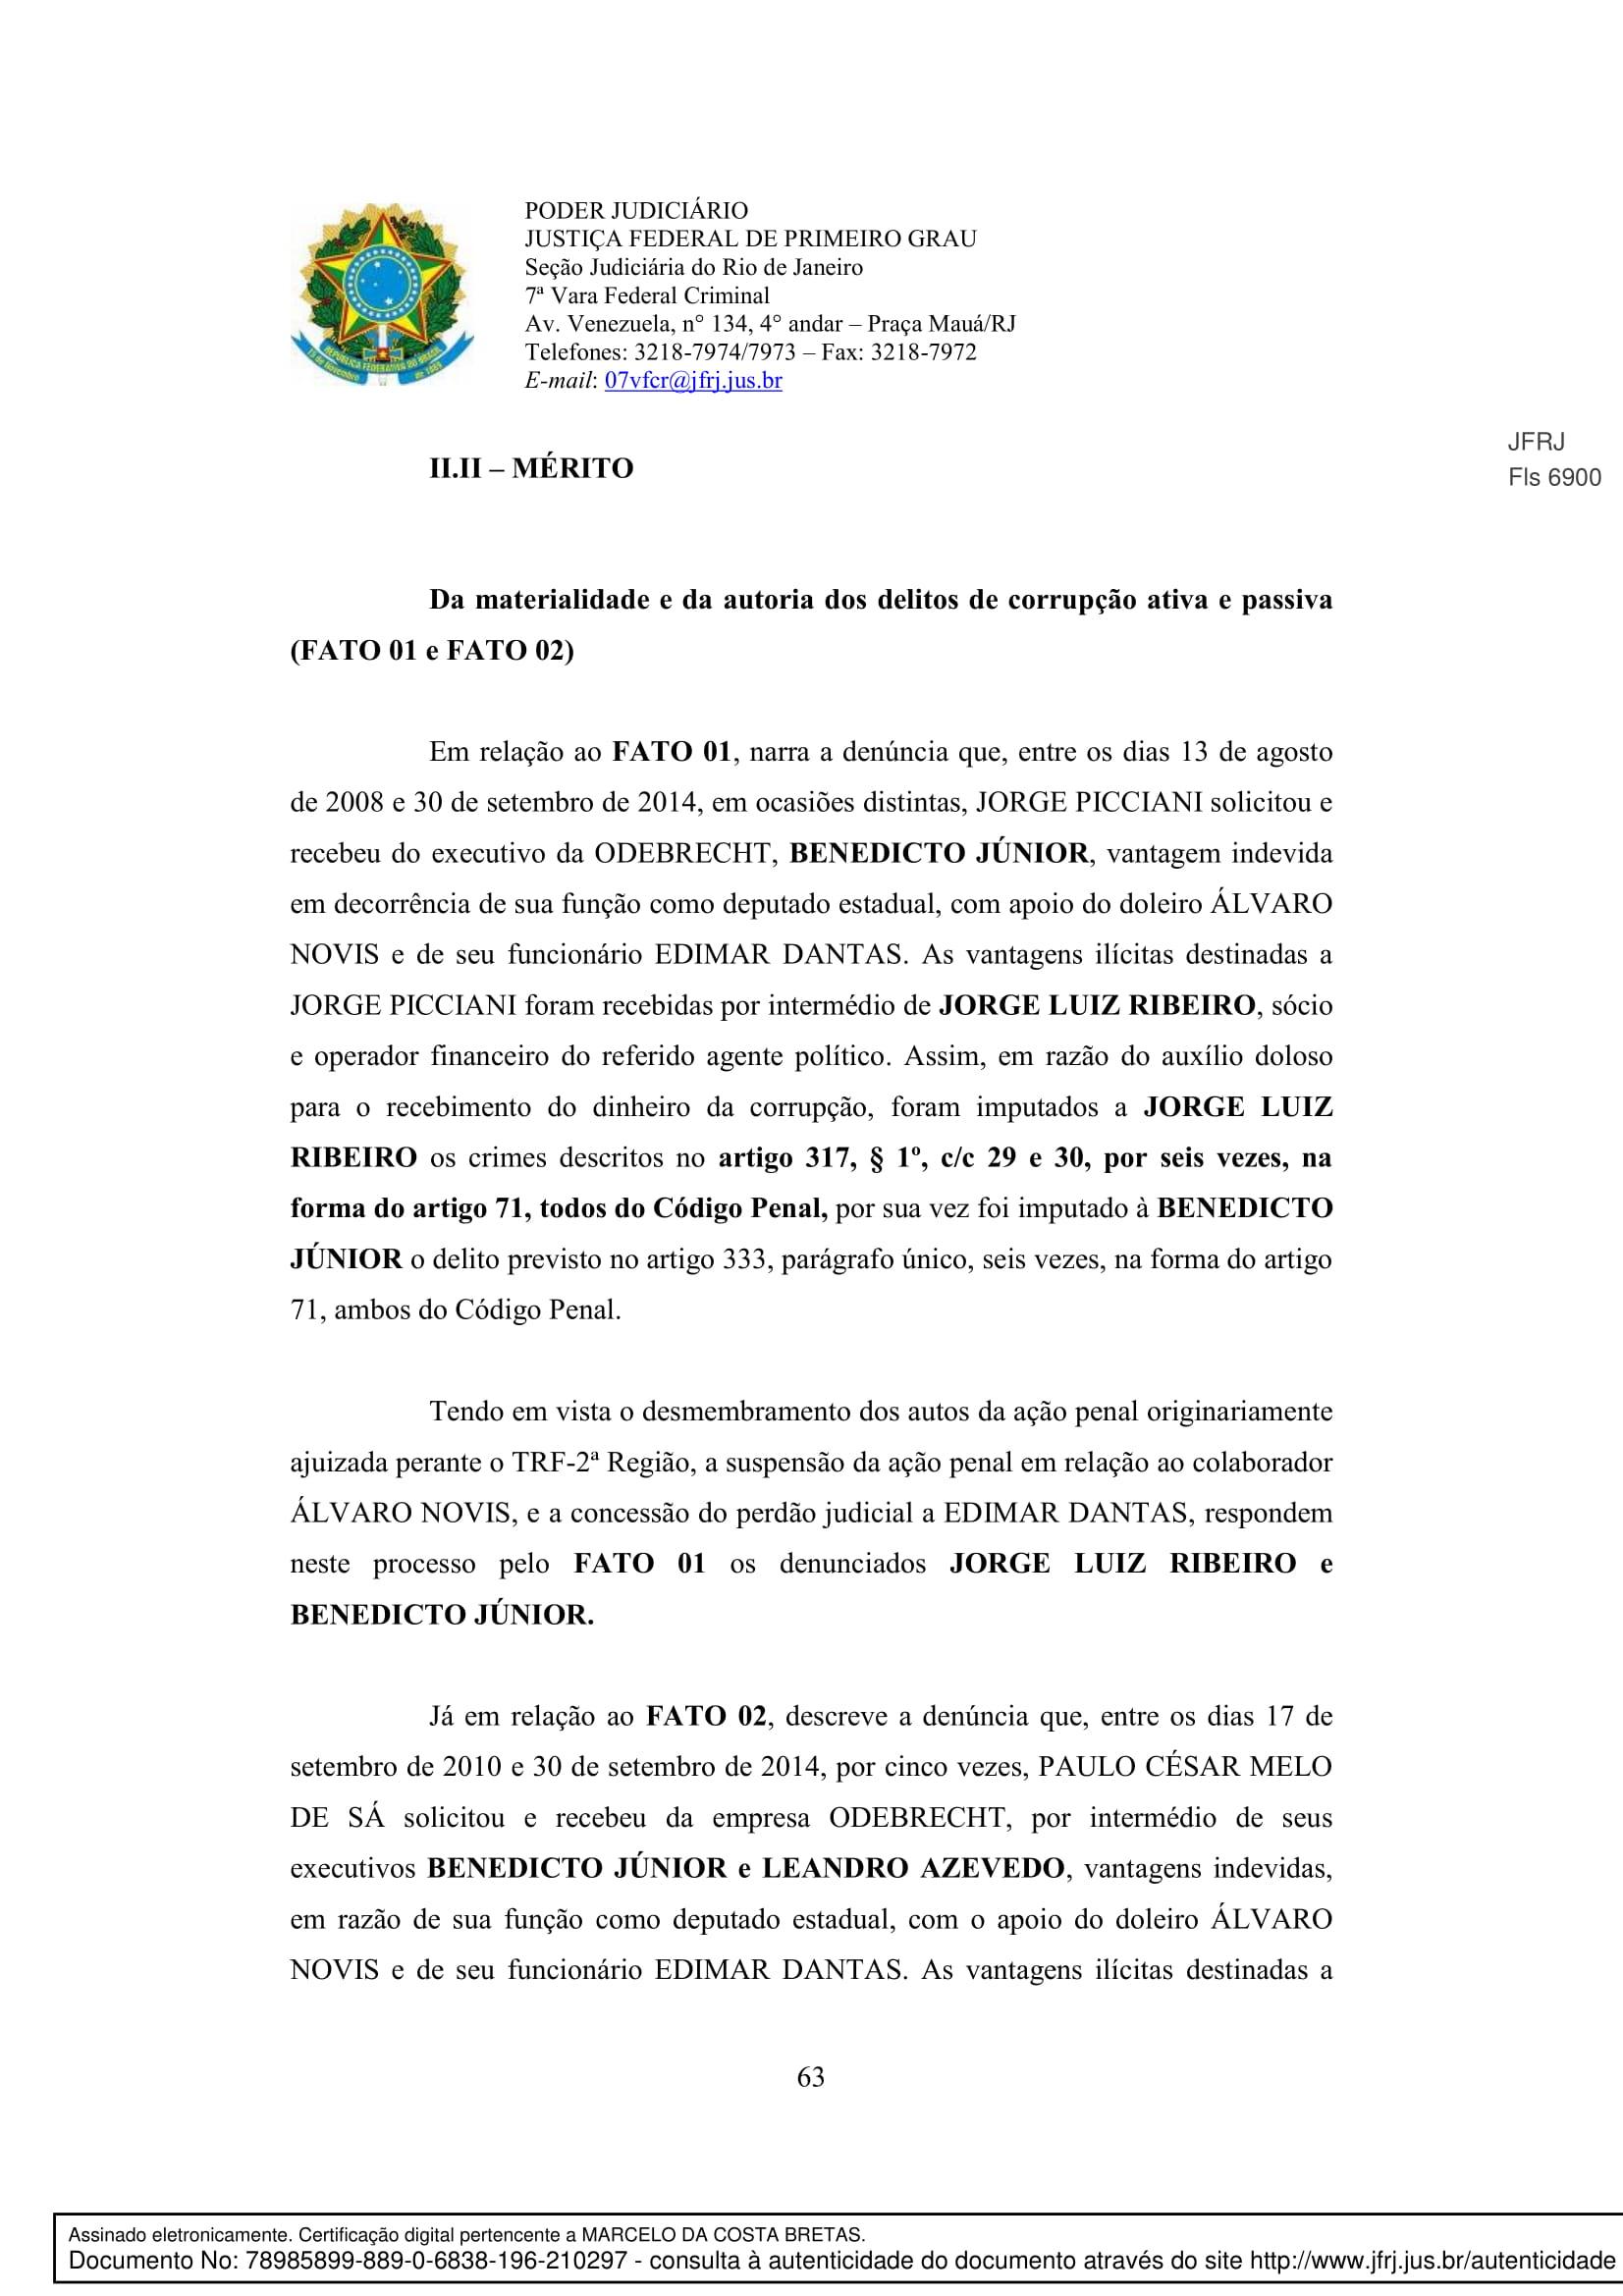 Sentenca-Cadeia-Velha-7VFC-063